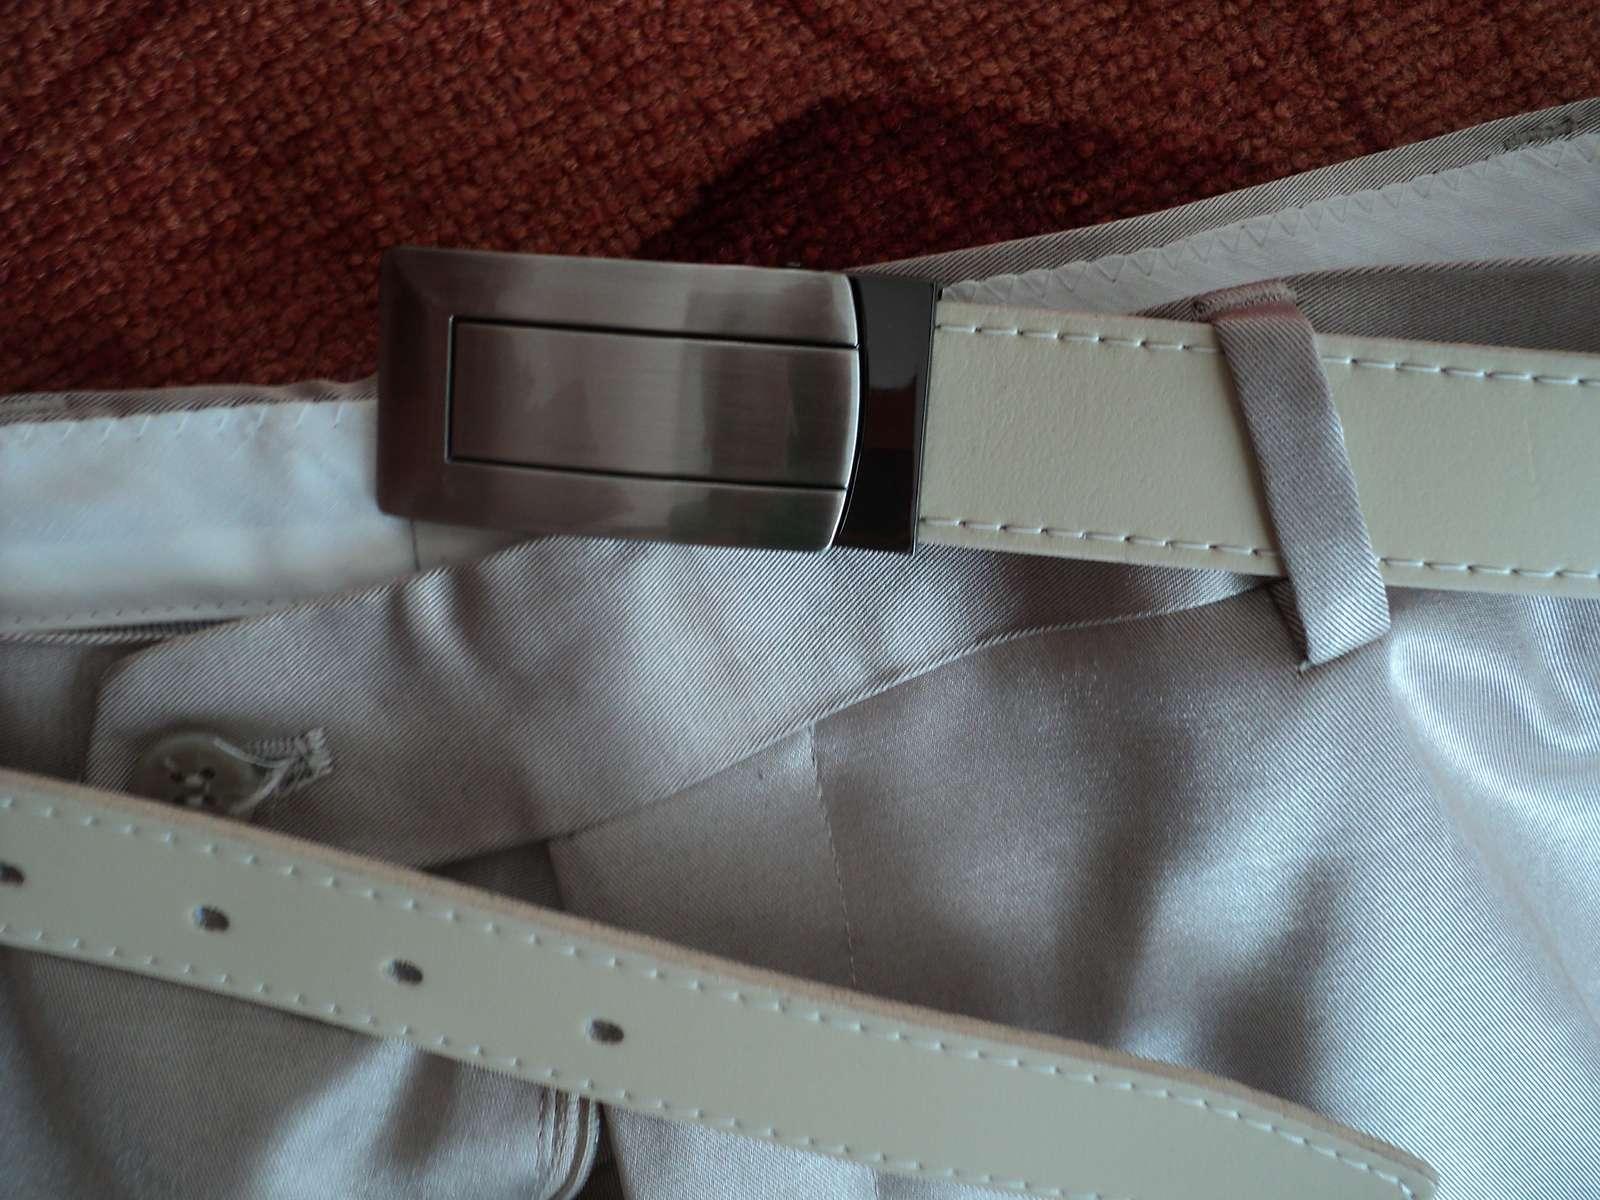 svetlý svadobný oblek-nohavice,sako,vesta - Obrázok č. 4